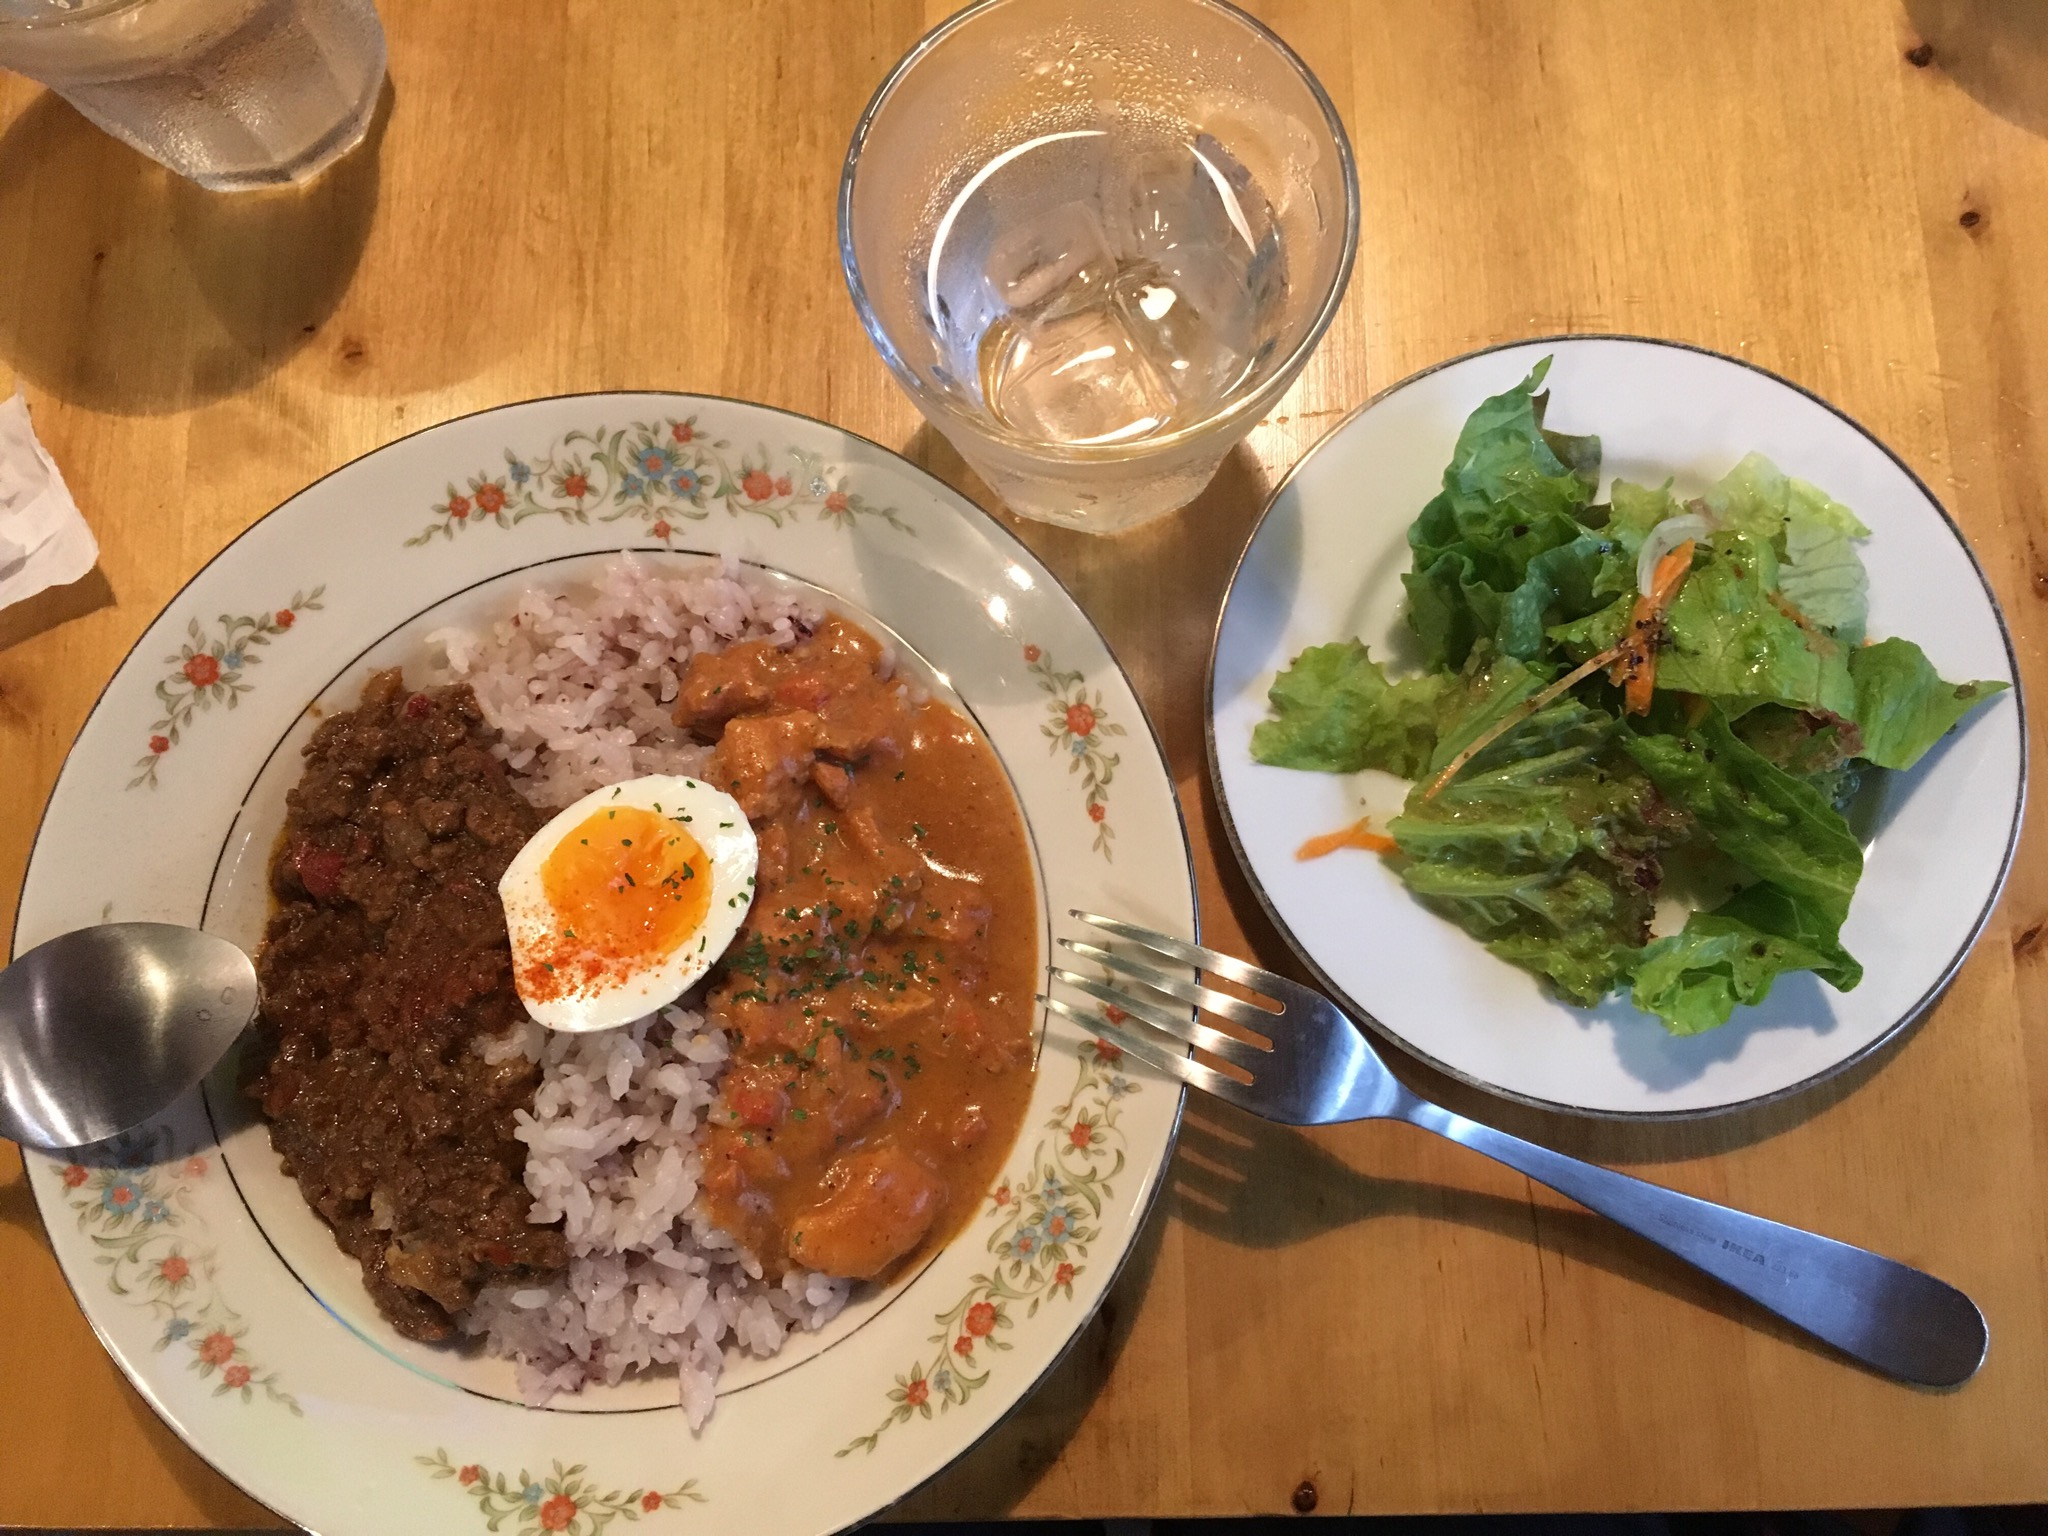 新規オープン!西予市宇和町にある「卯之町バールOTO」で人気のランチ(あいがけカレー)を食べてきました!